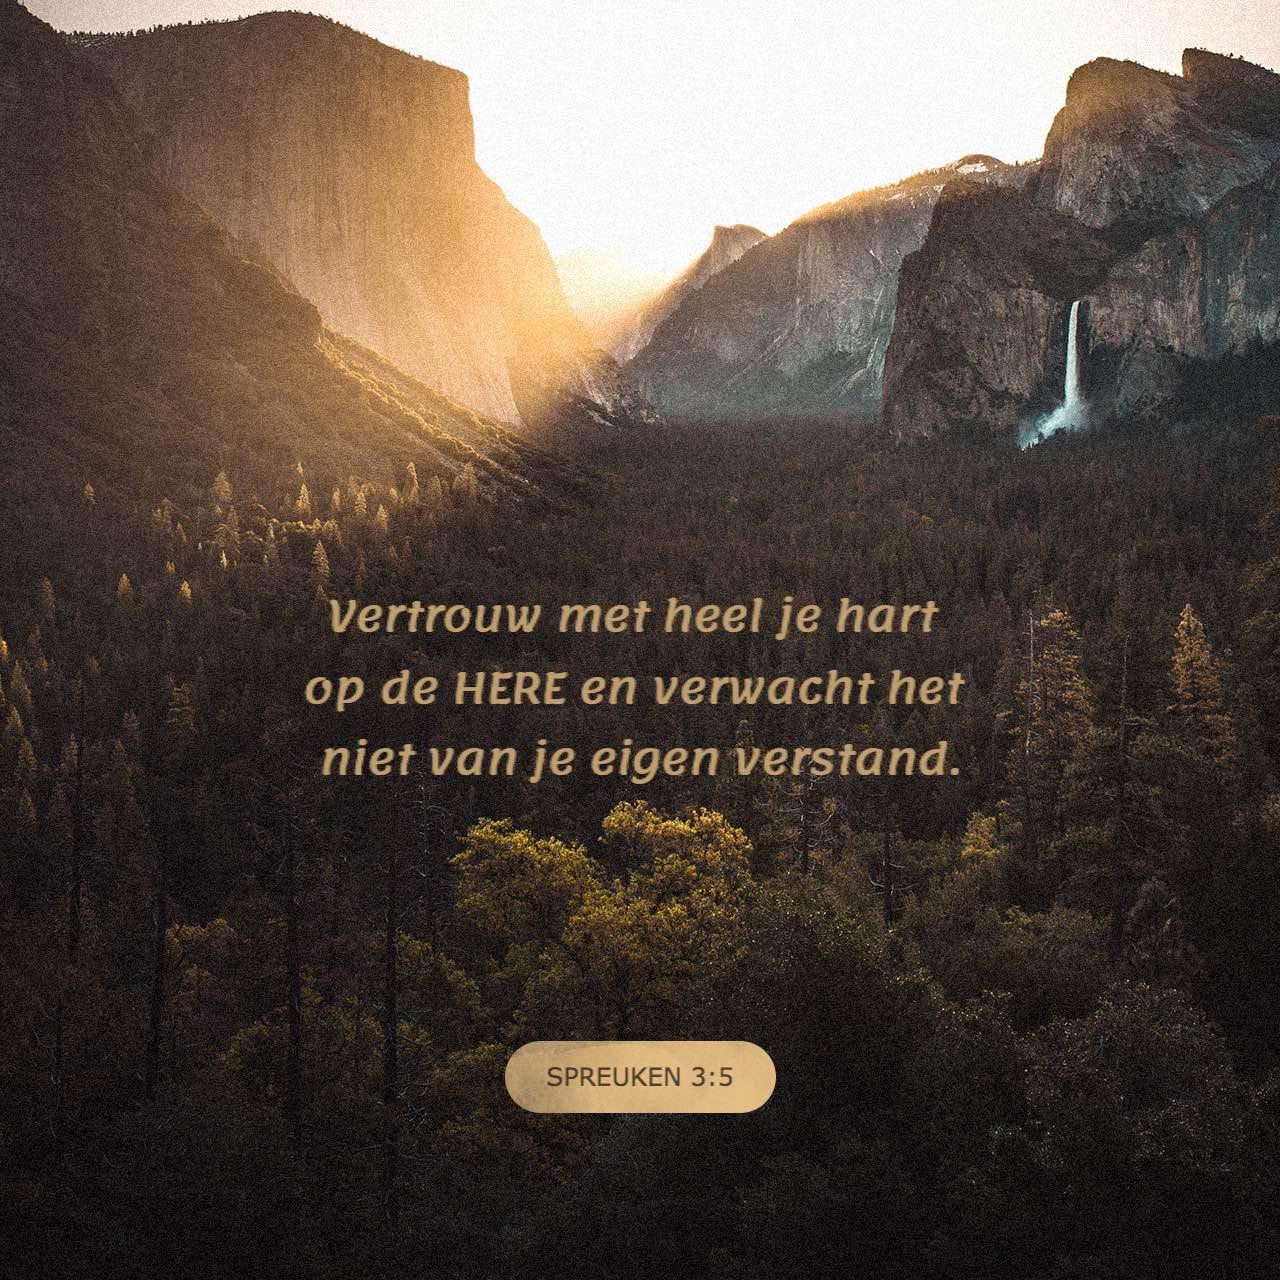 spreuken 3 Spreuken 3:5 6 Vertrouw op de HERE met uw ganse hart en steun op  spreuken 3